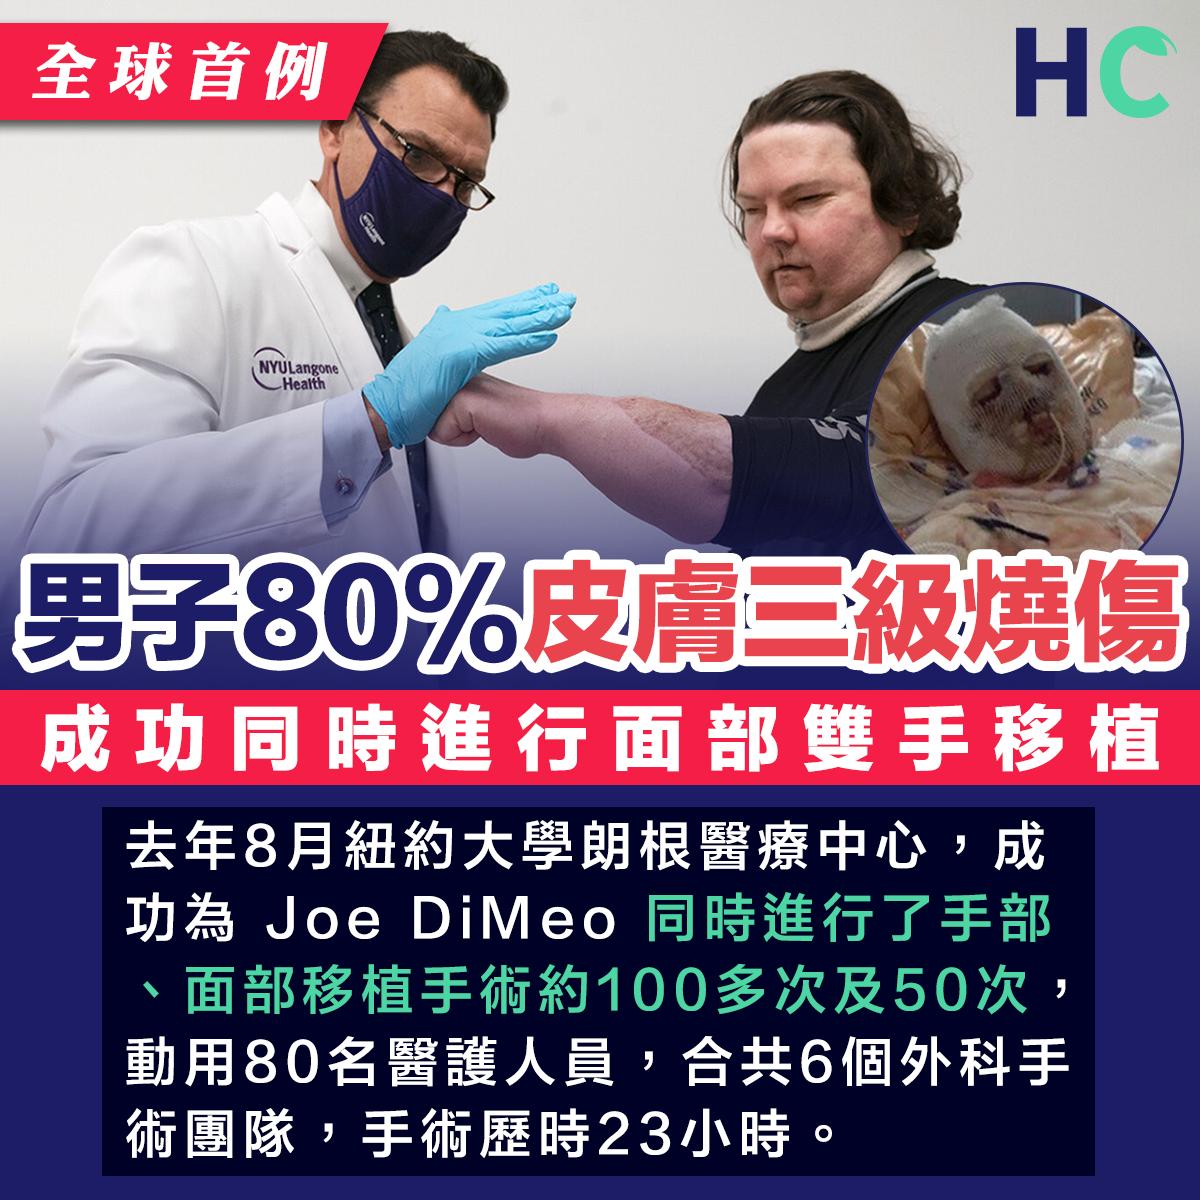 男子80%皮膚三級燒傷 成功同時進行面部雙手移植